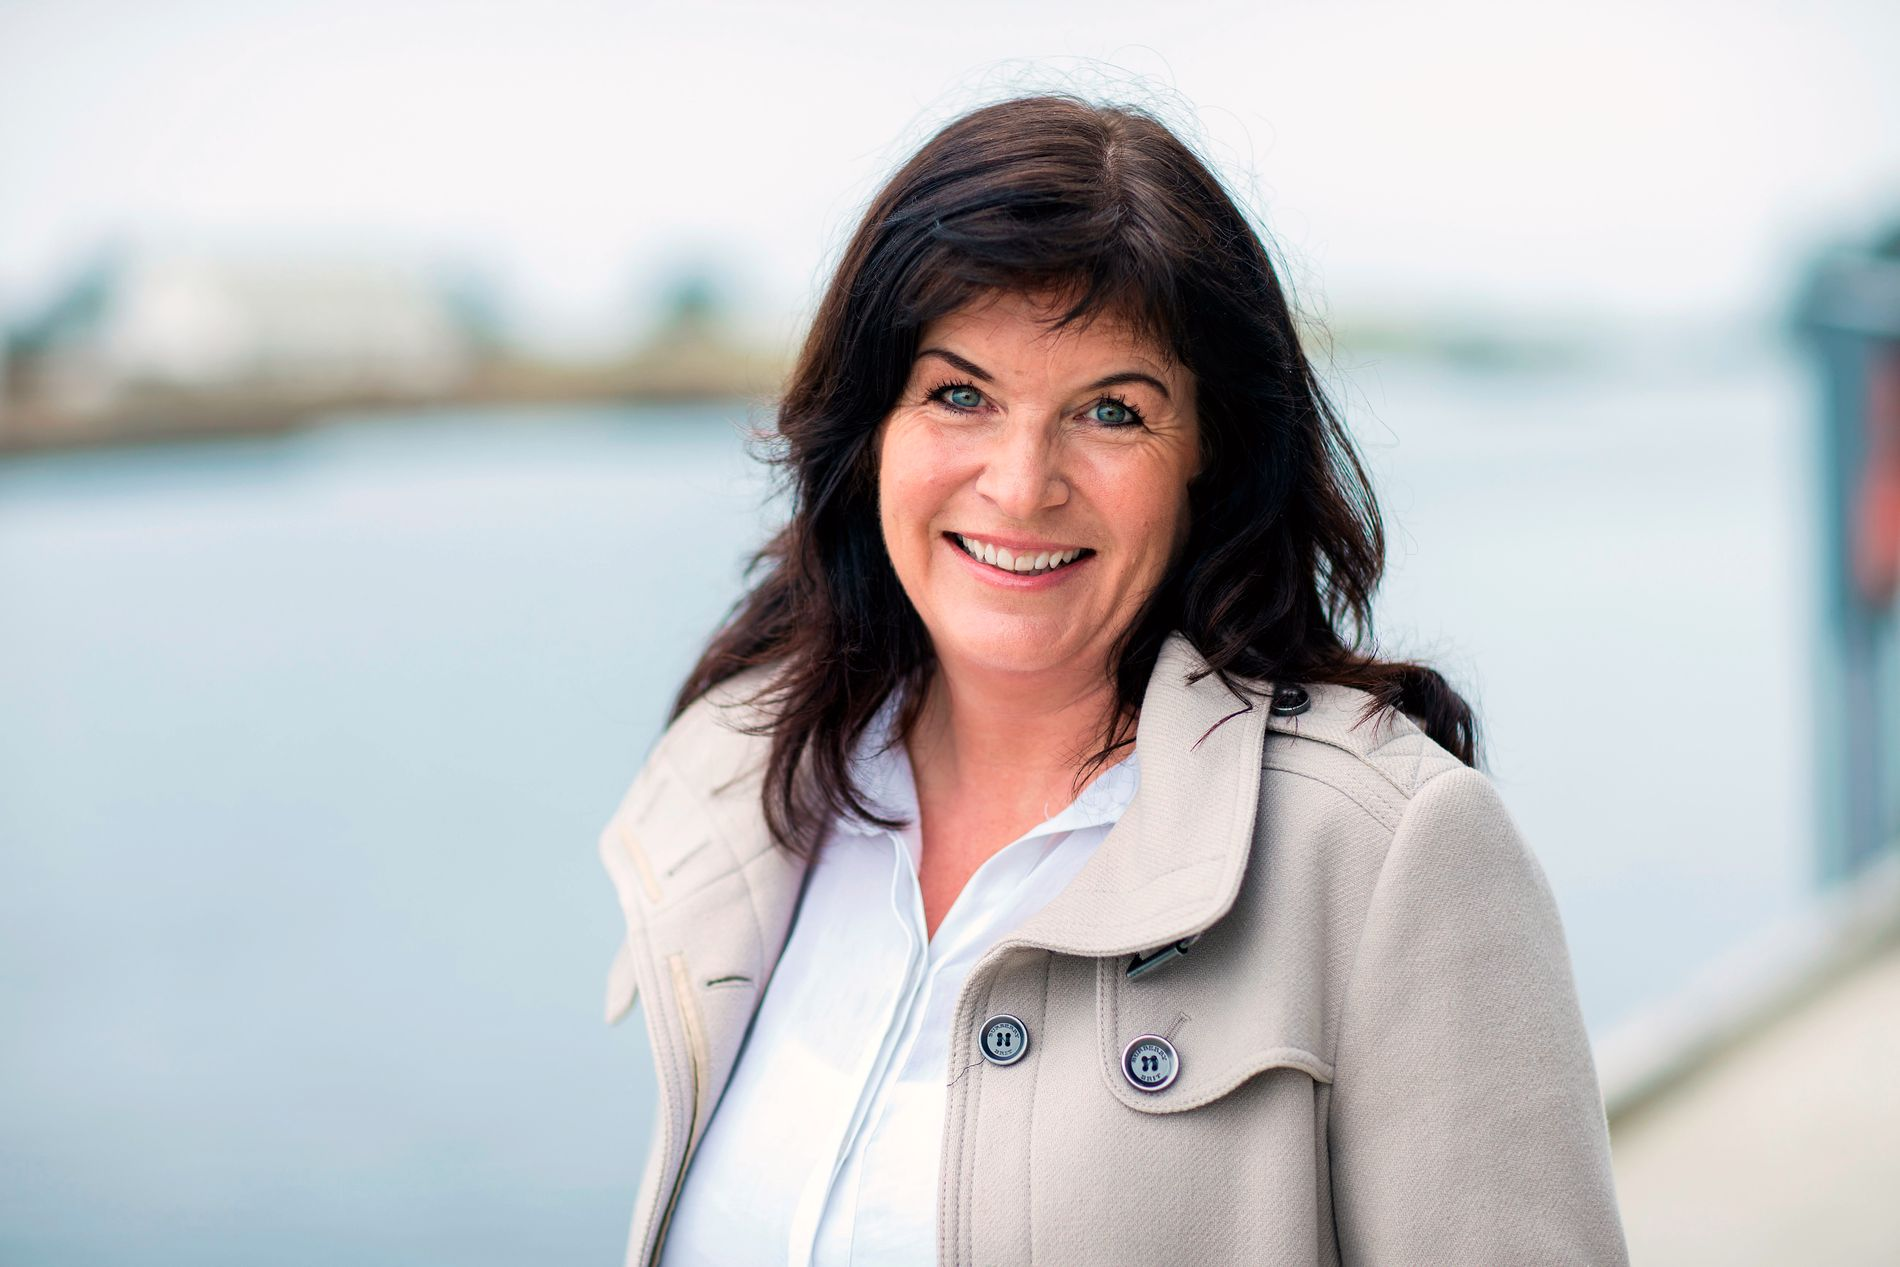 KRIM FRA HJEMSTEDET: Krimforfatter Agnes Lovise Matre fikk jevnt over gode kritikker for fjorårets «Skinnet bedrar». Nå er hun ute med «Iskald» - og hun tar oss med til Eidfjord, helt innerst i Hardangerfjorden.